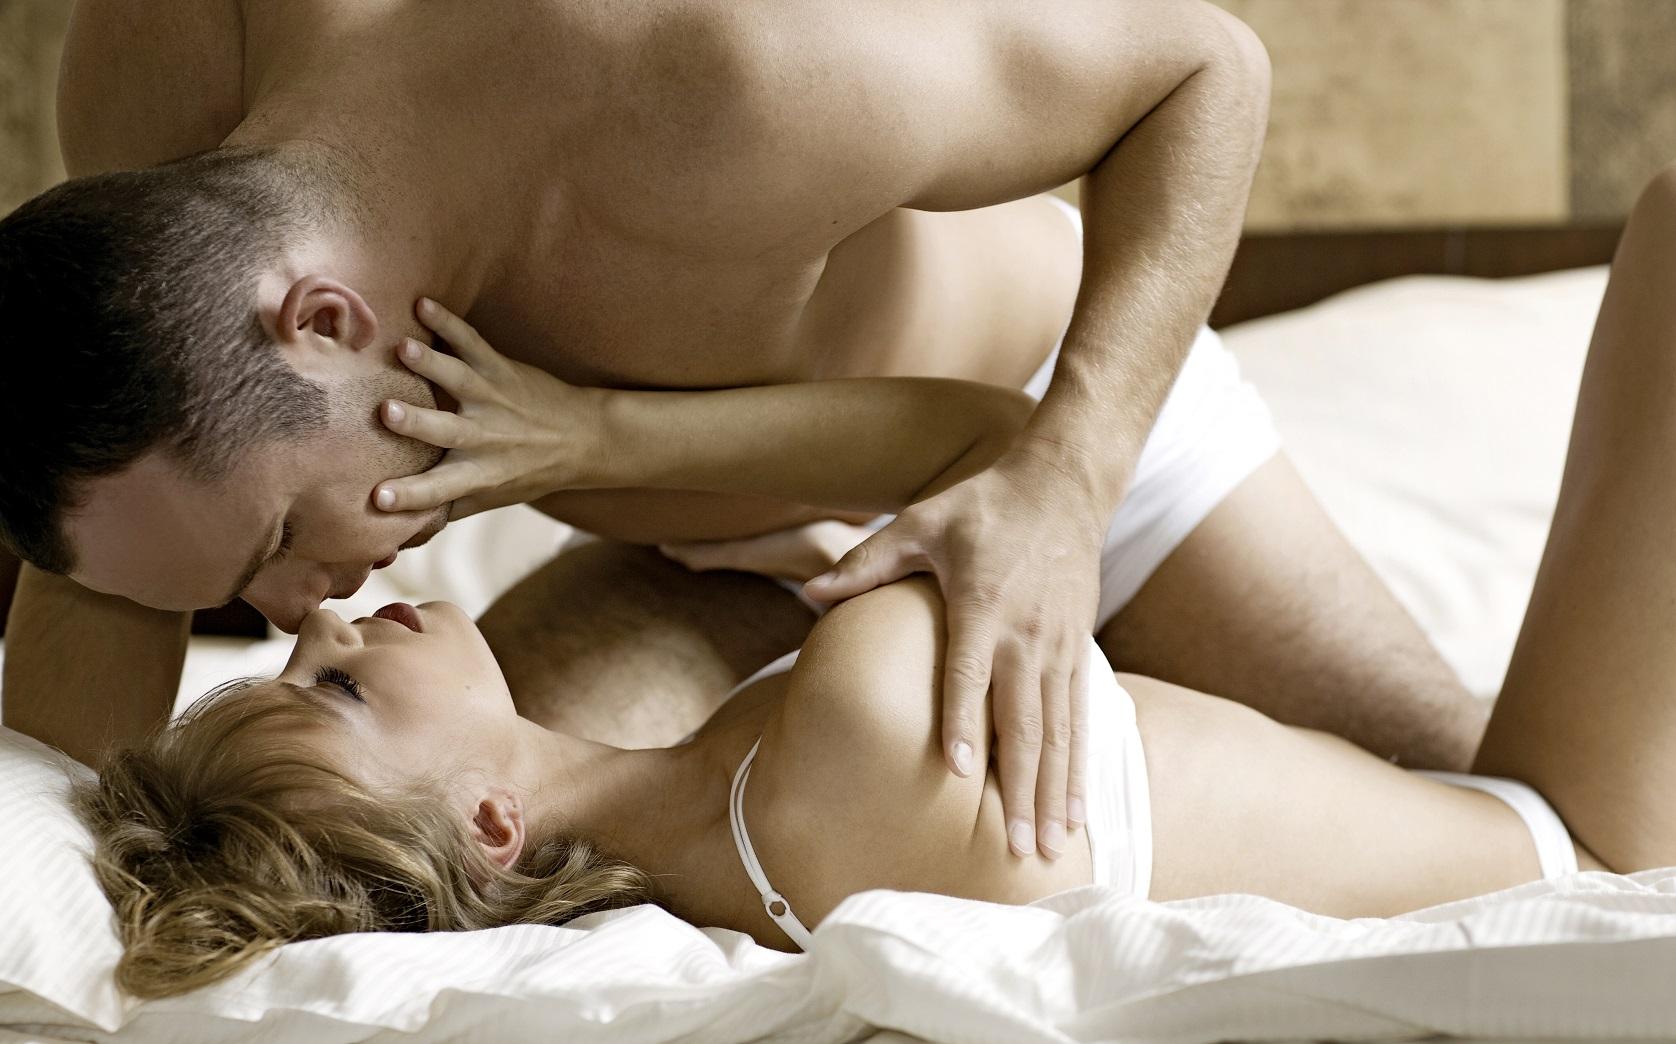 думаете фото мужчины и женщины интим лесбиянки нём, как